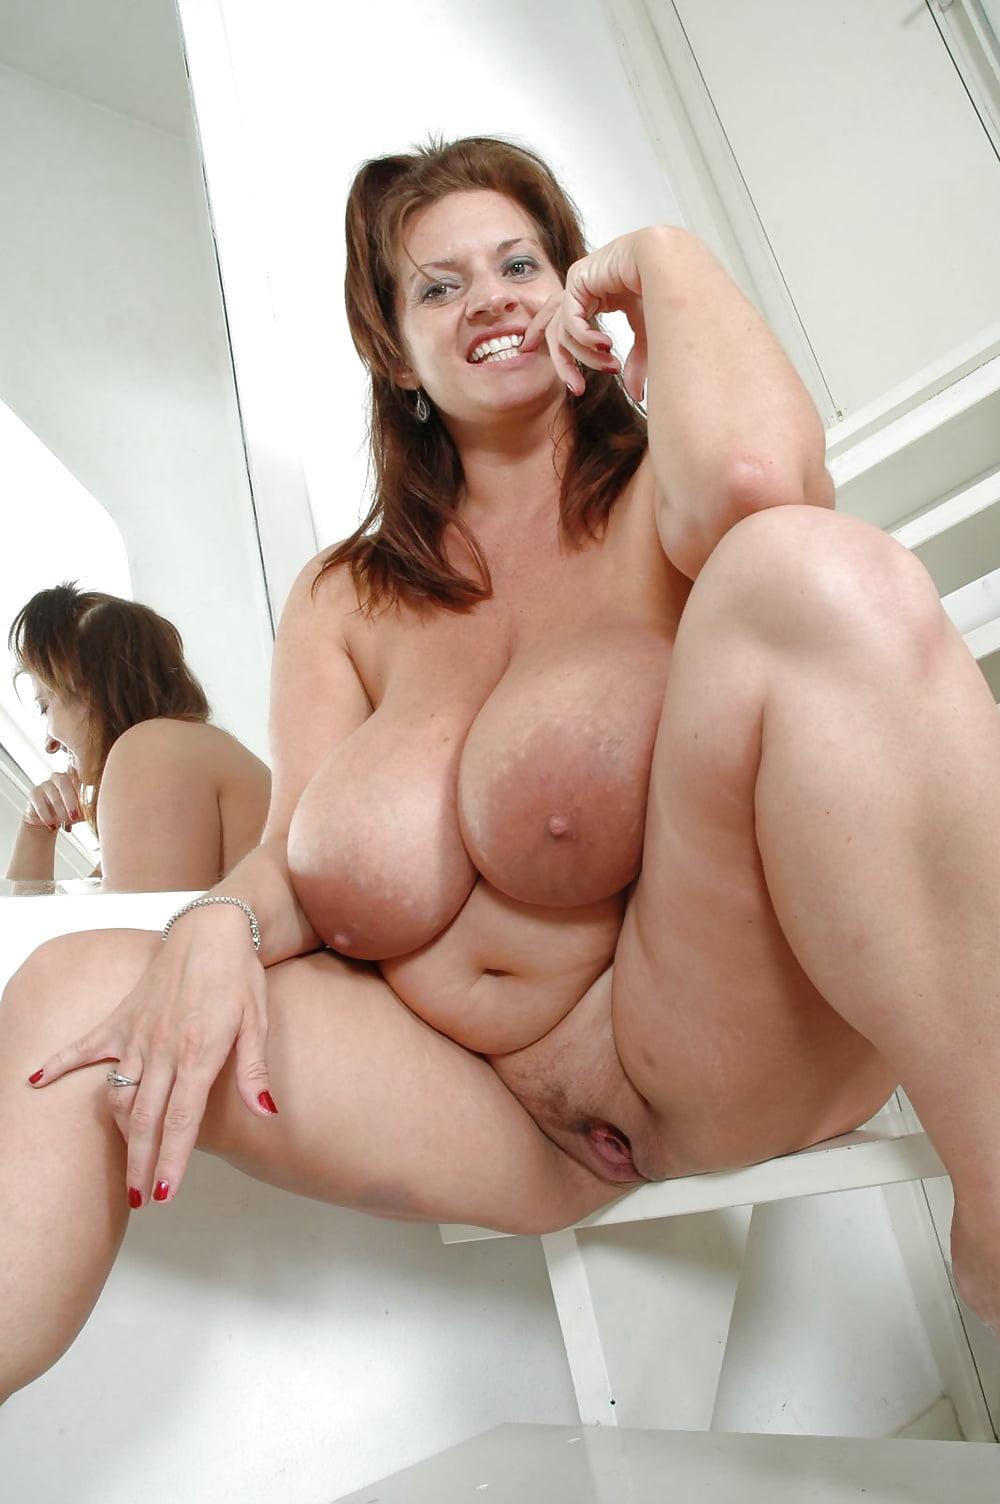 Порно зрелой дамы с огромной грудью, два парня трахают армянку порно фото